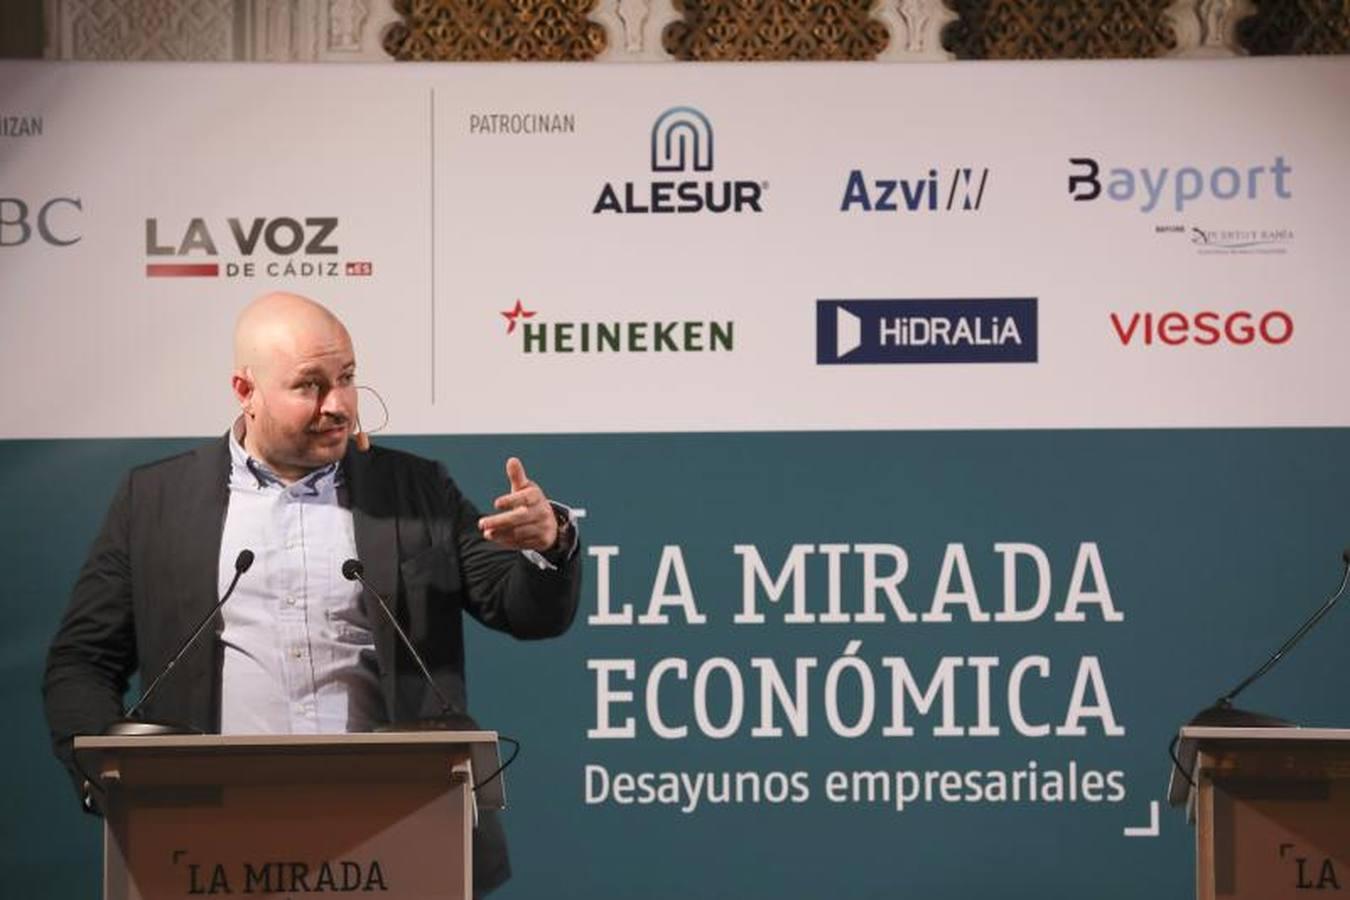 Nueva jornada de la Mirada Económica, con Bayport como patrocinador y Thinking Heads como ponente